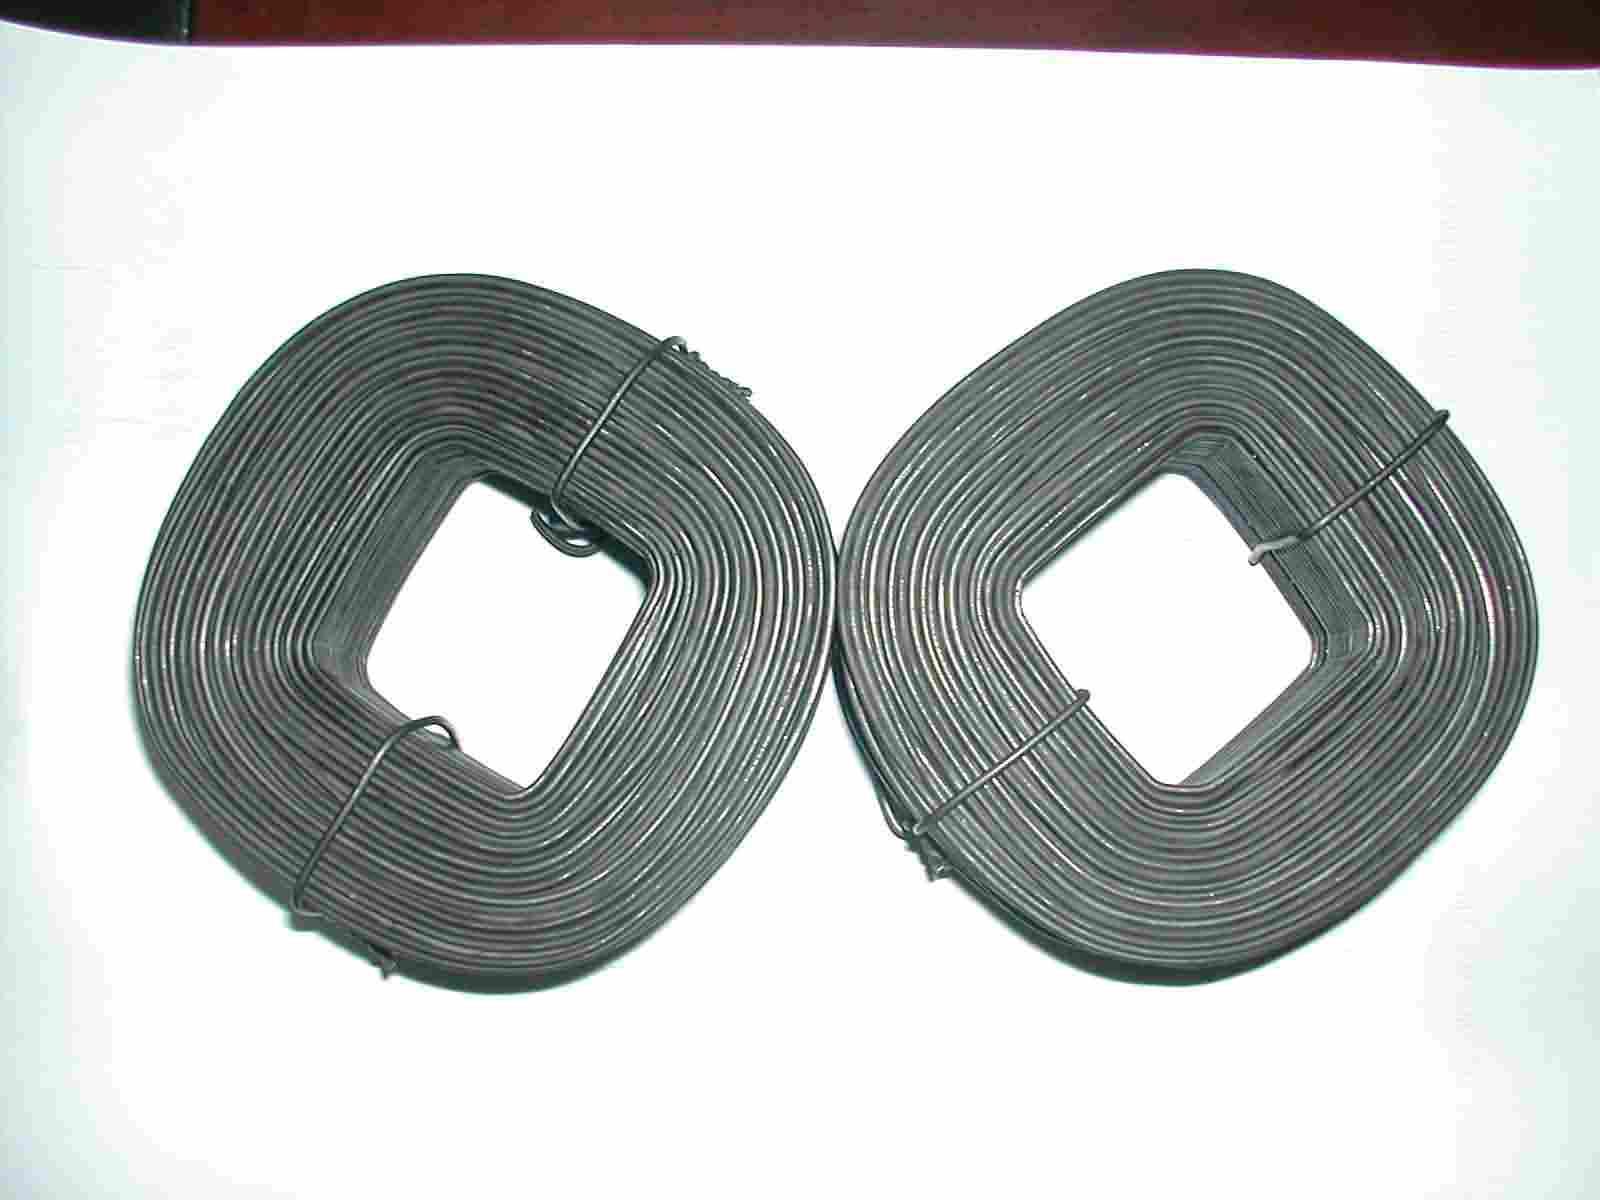 Gemütlich Vintage Twisted Draht Kleiderhaken Bilder ...